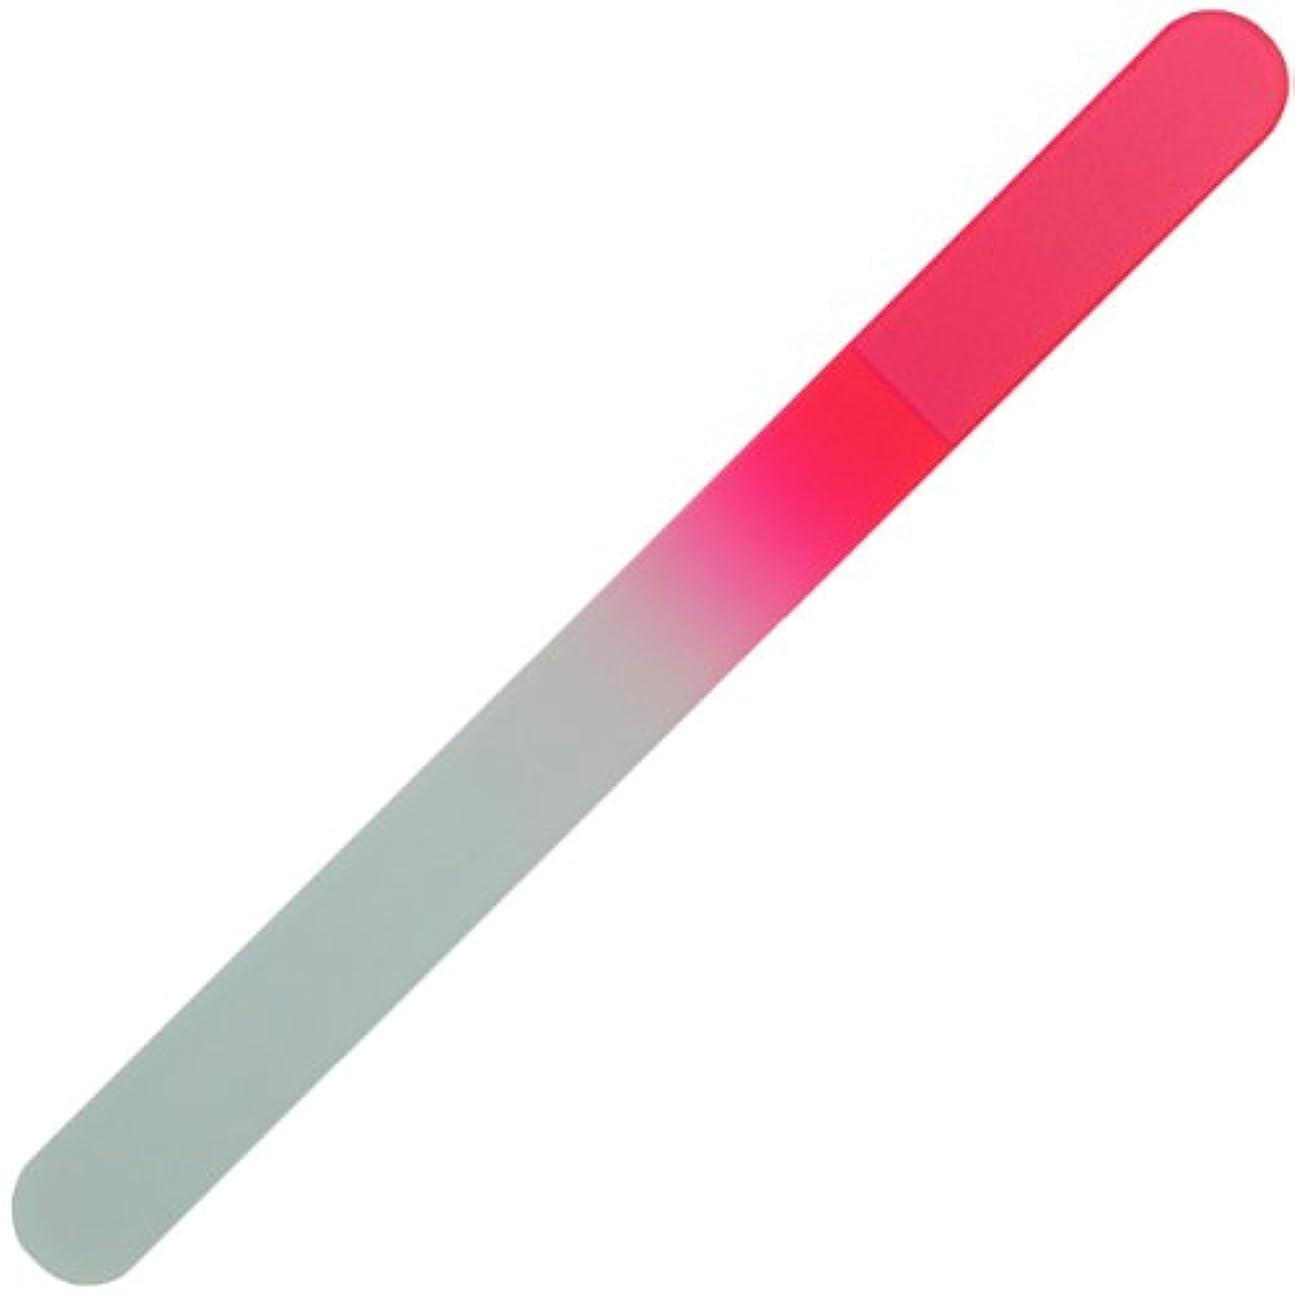 極小雇用者アメリカチェコ の職人が仕上げた ガラス製 爪やすり 135mm 両面タイプ ピンク  (透明ソフトケース入り)